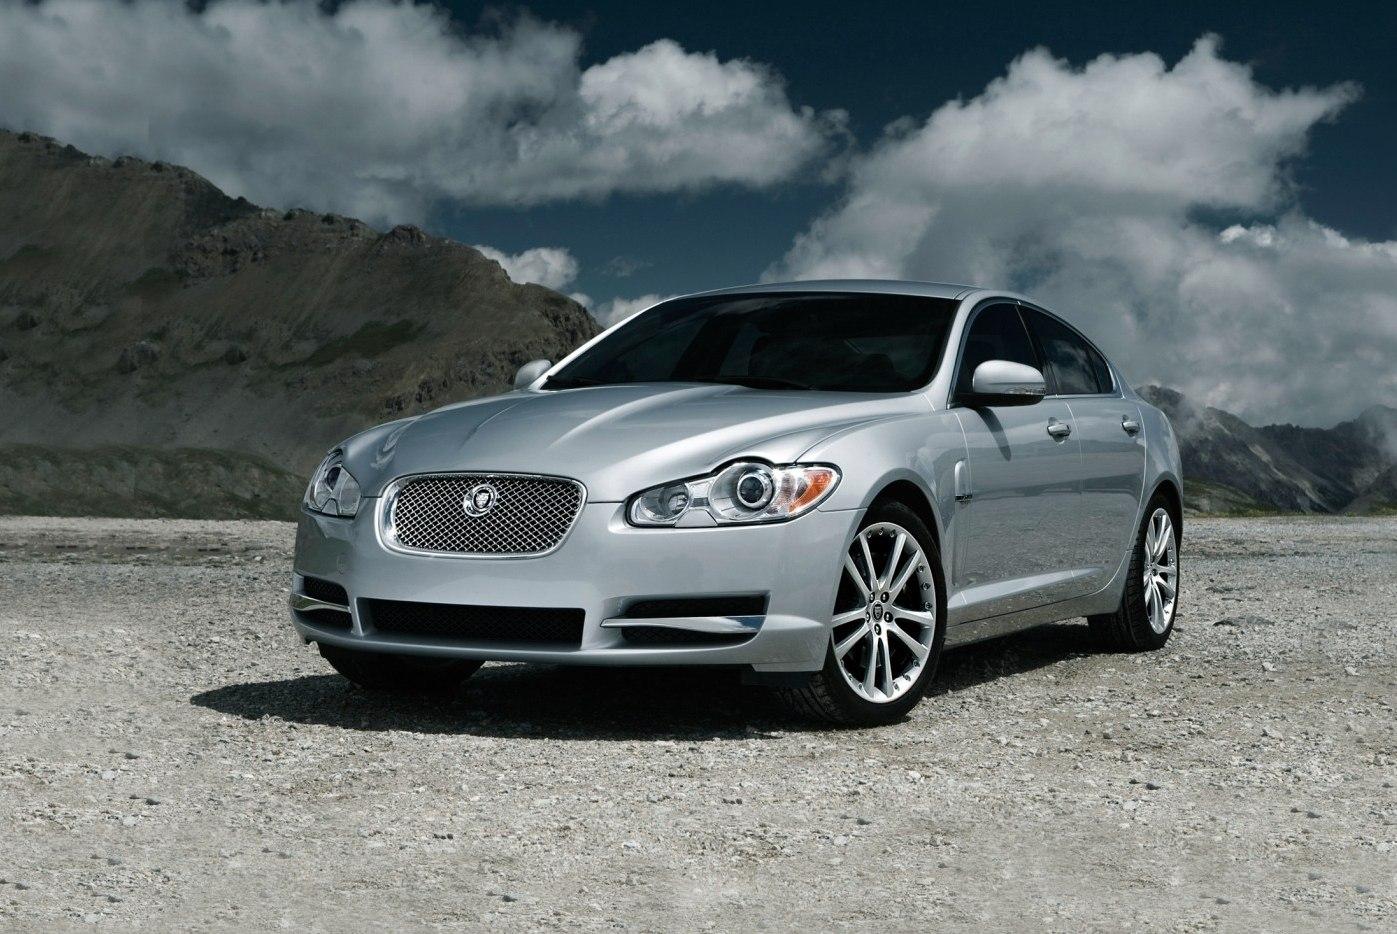 Jaguar XF - цены, отзывы, характеристики XF от Jaguar